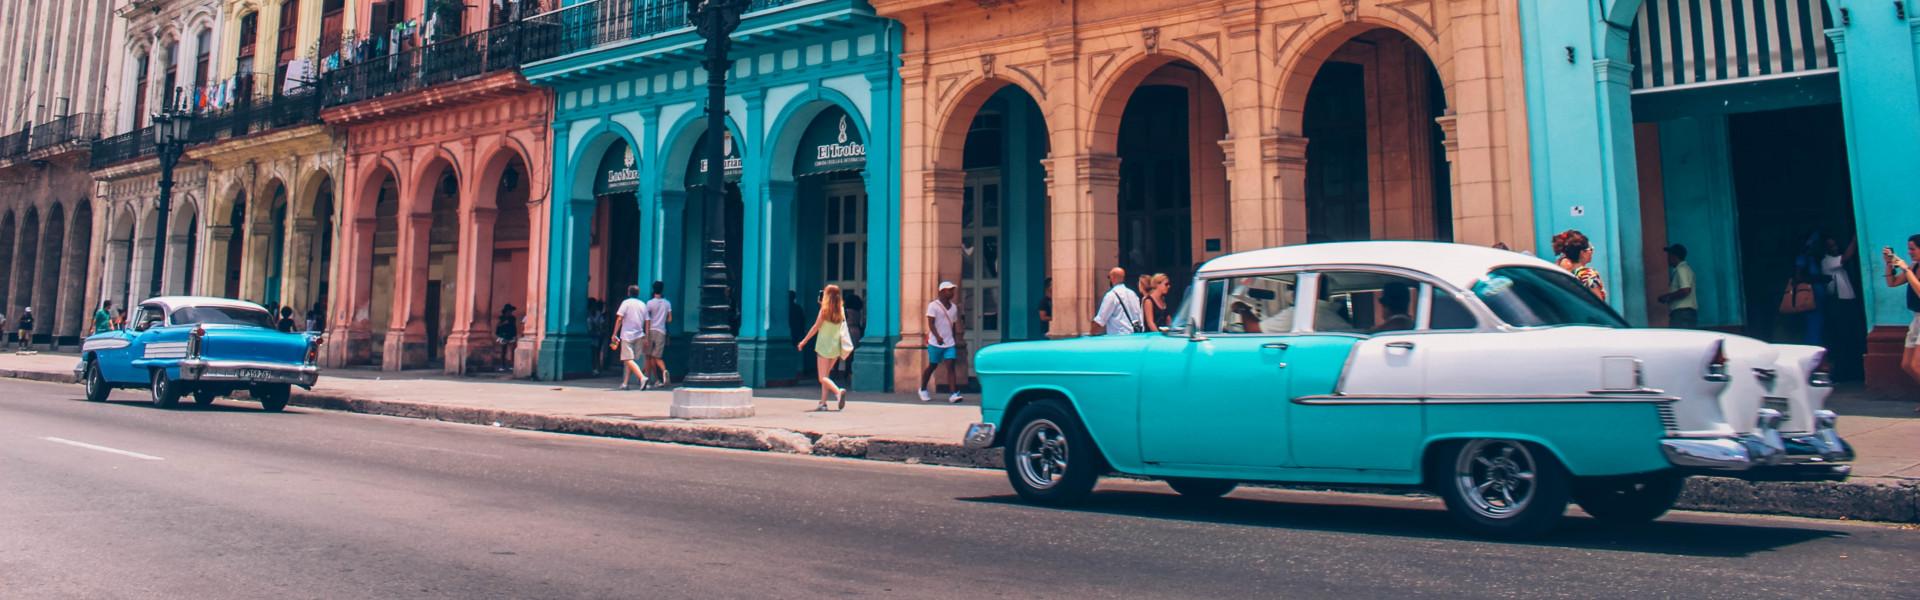 Destination image of Cuba